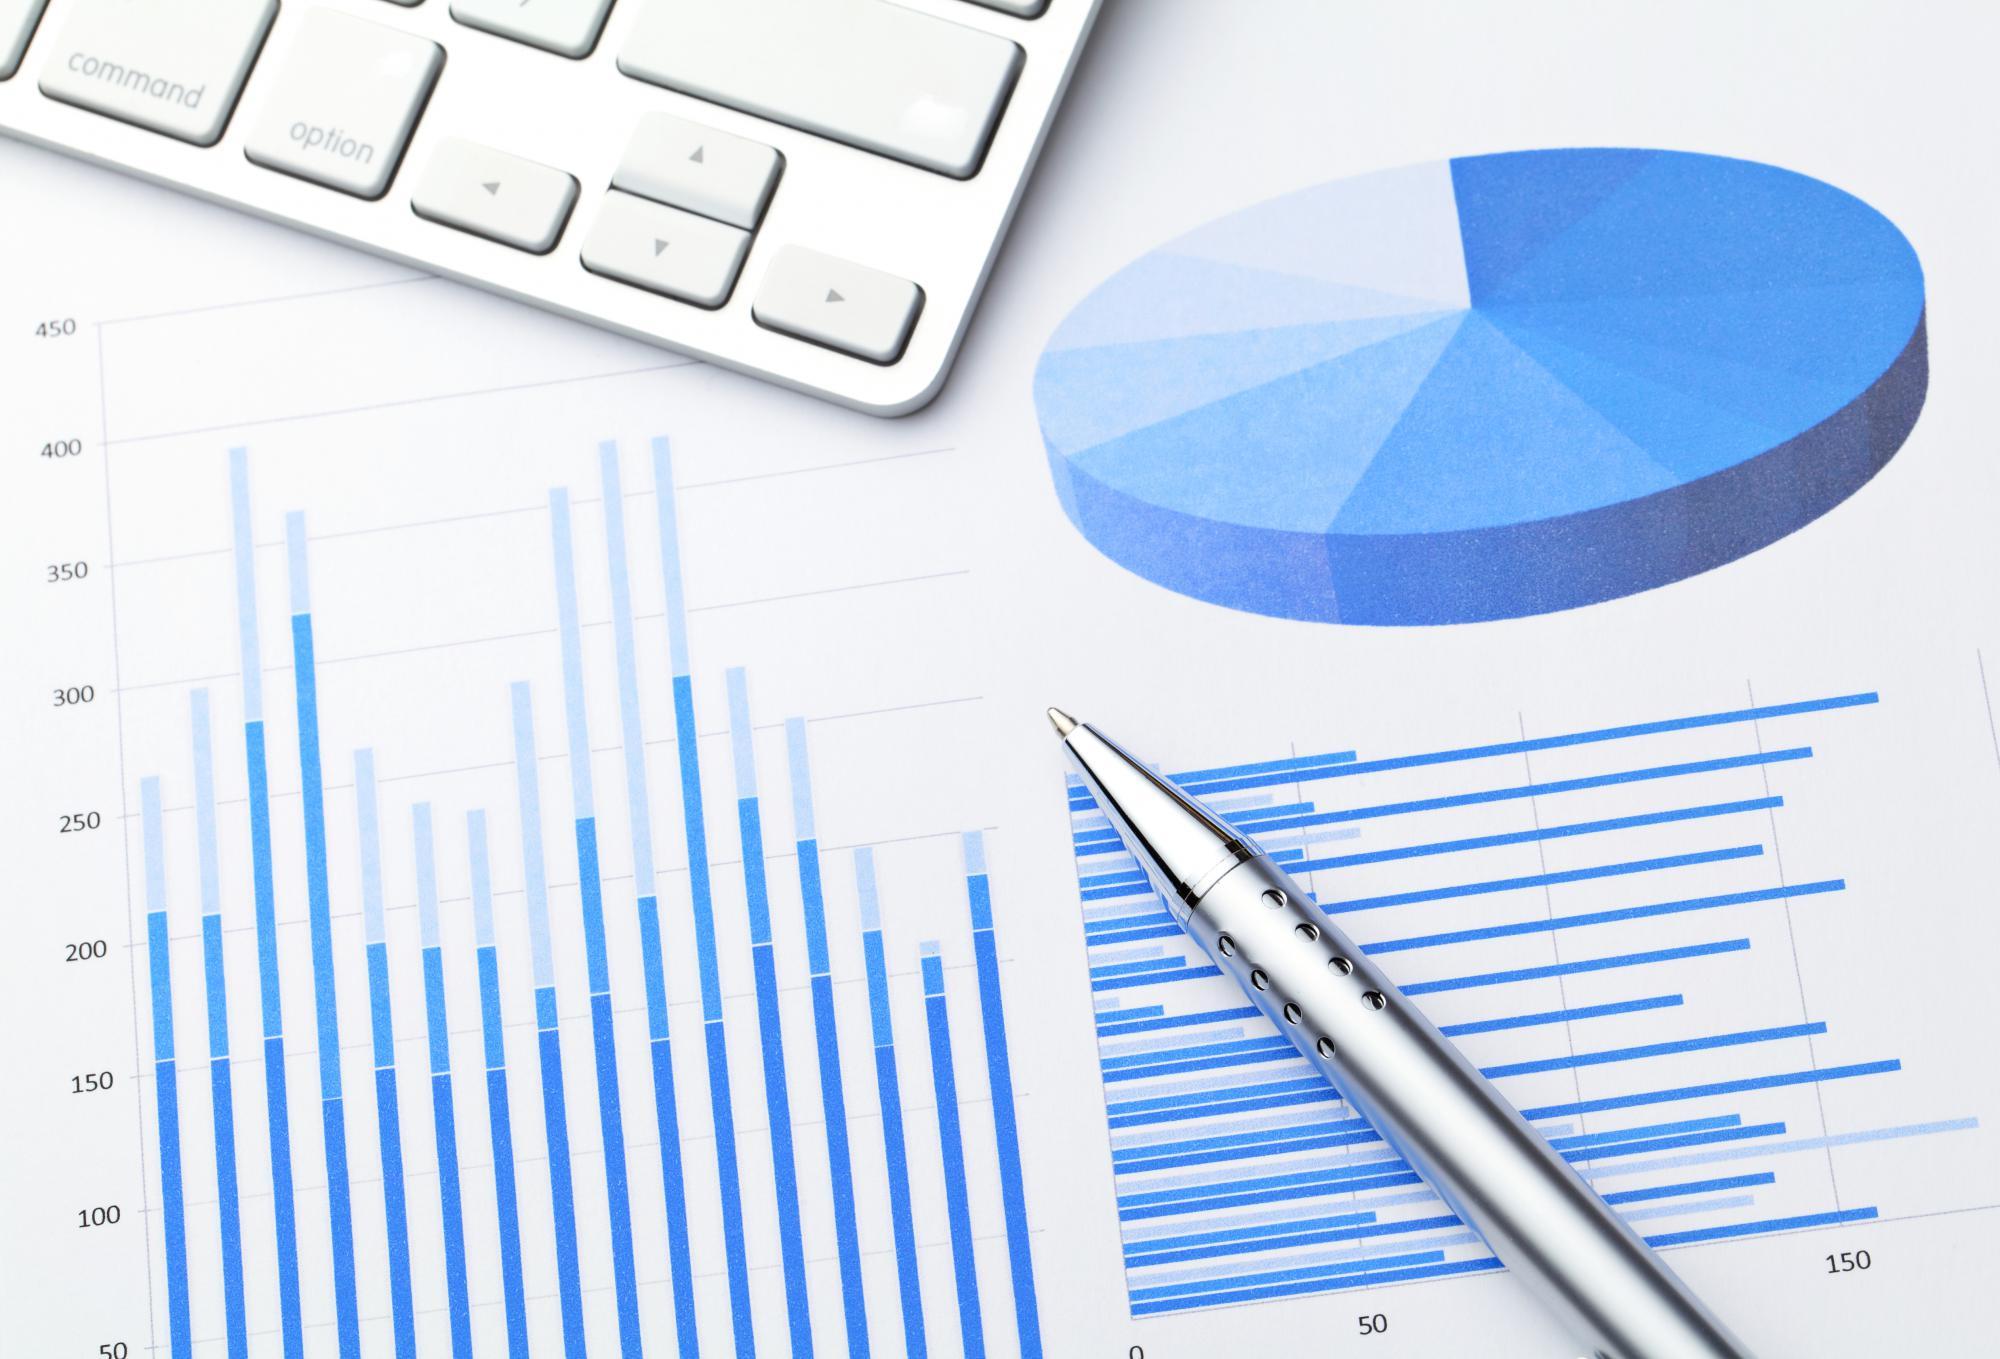 Налоговым органам даны рекомендации, касающиеся обмена информацией о регистрации договоров о создании консолидированных групп налогоплательщиков